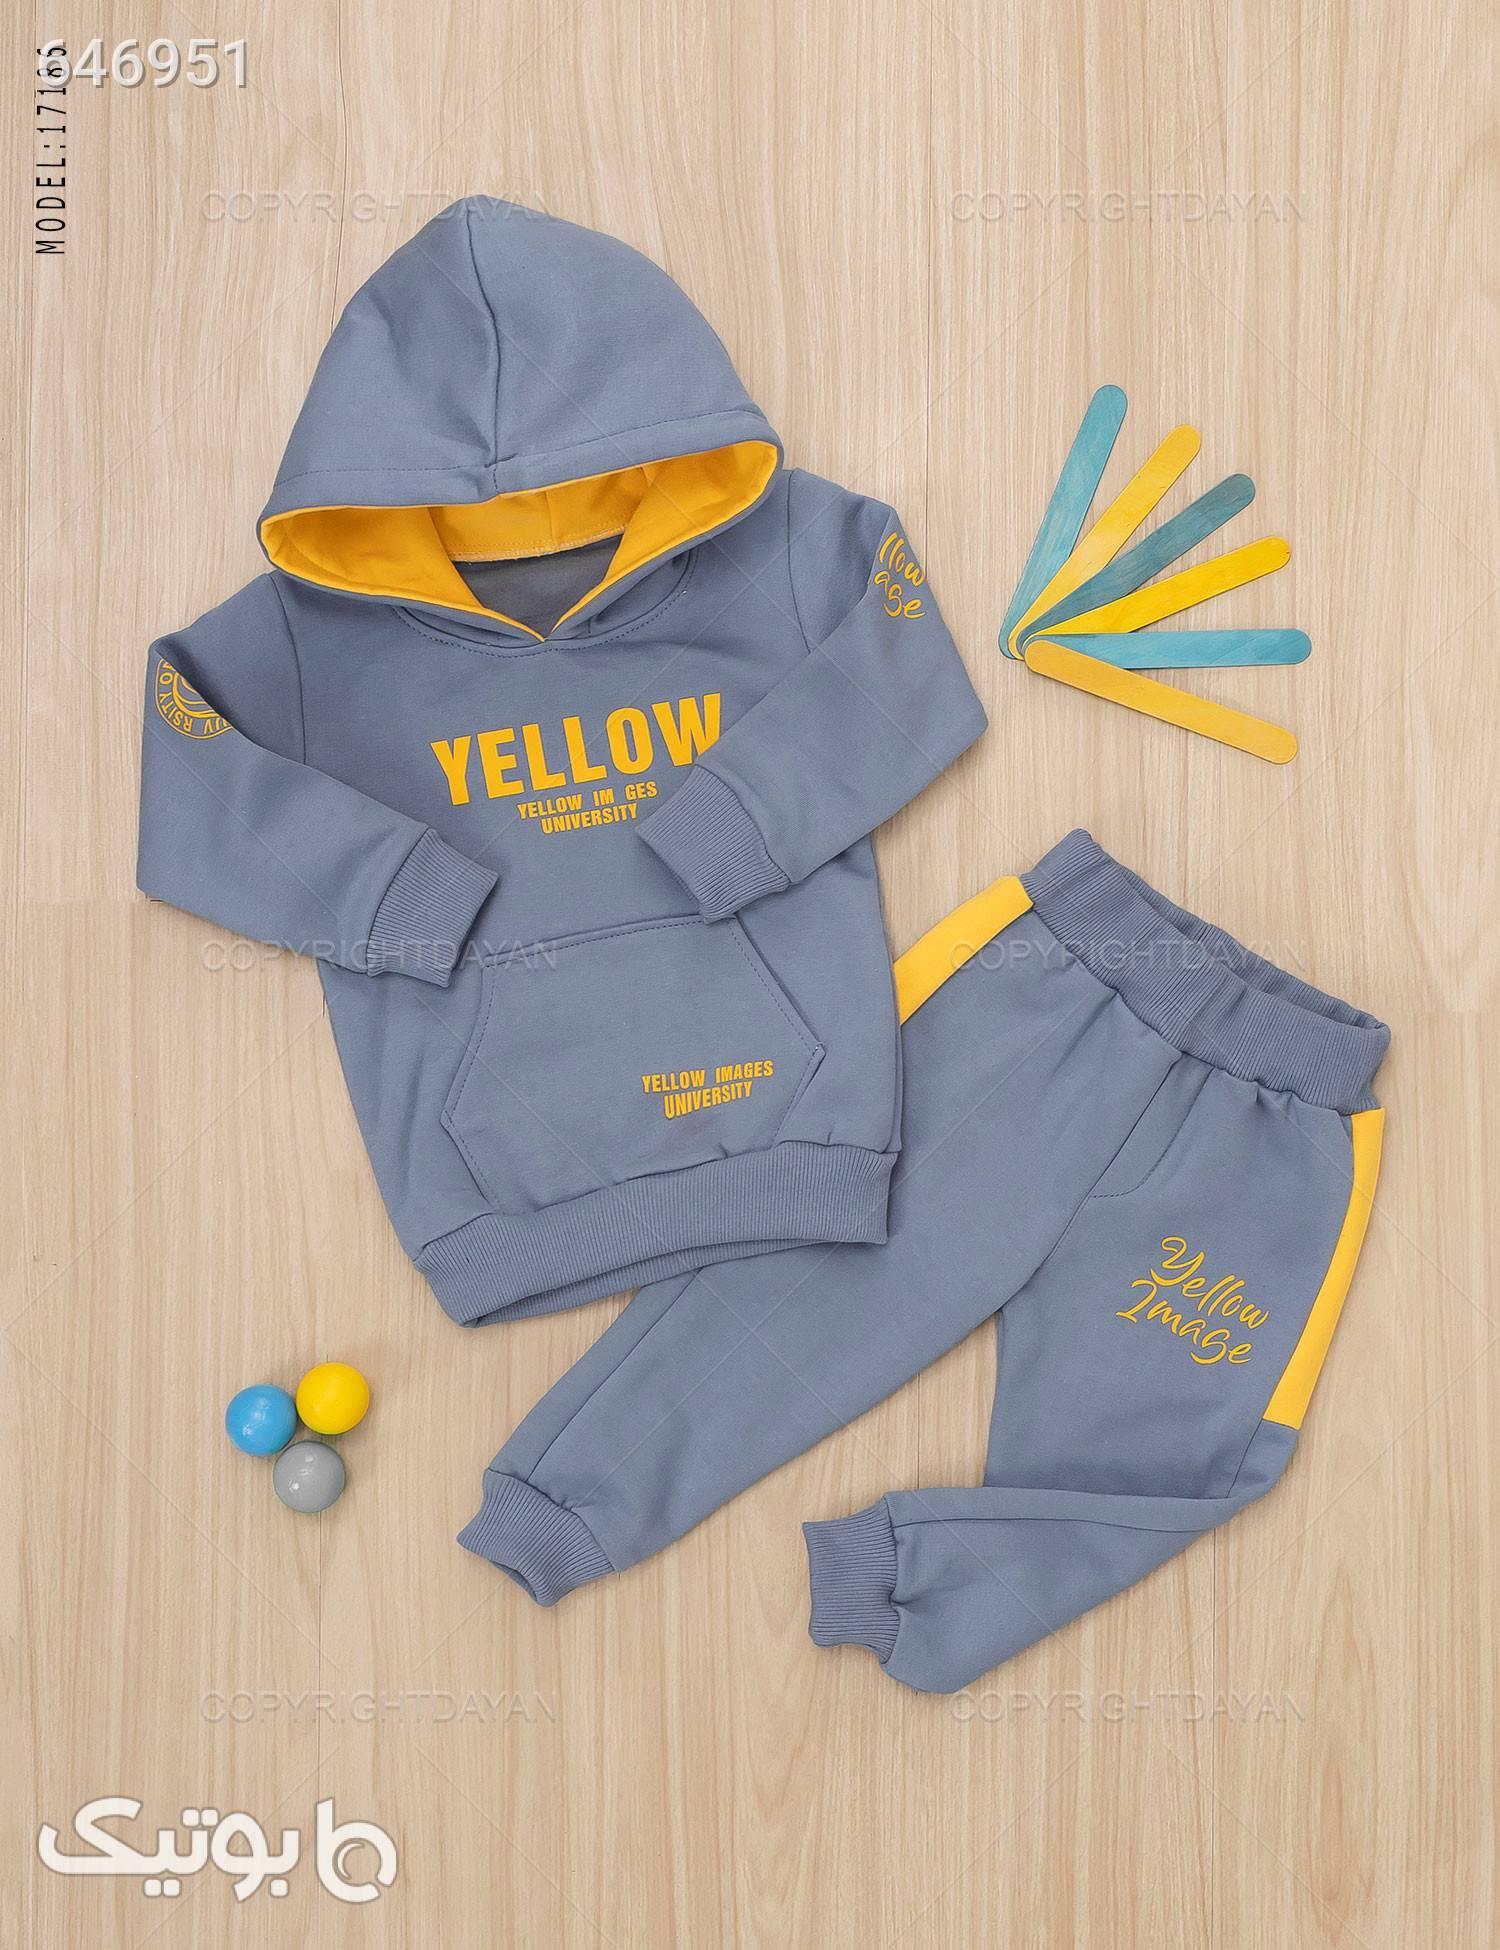 ست بچگانه مدل S7186 زرد لباس کودک پسرانه